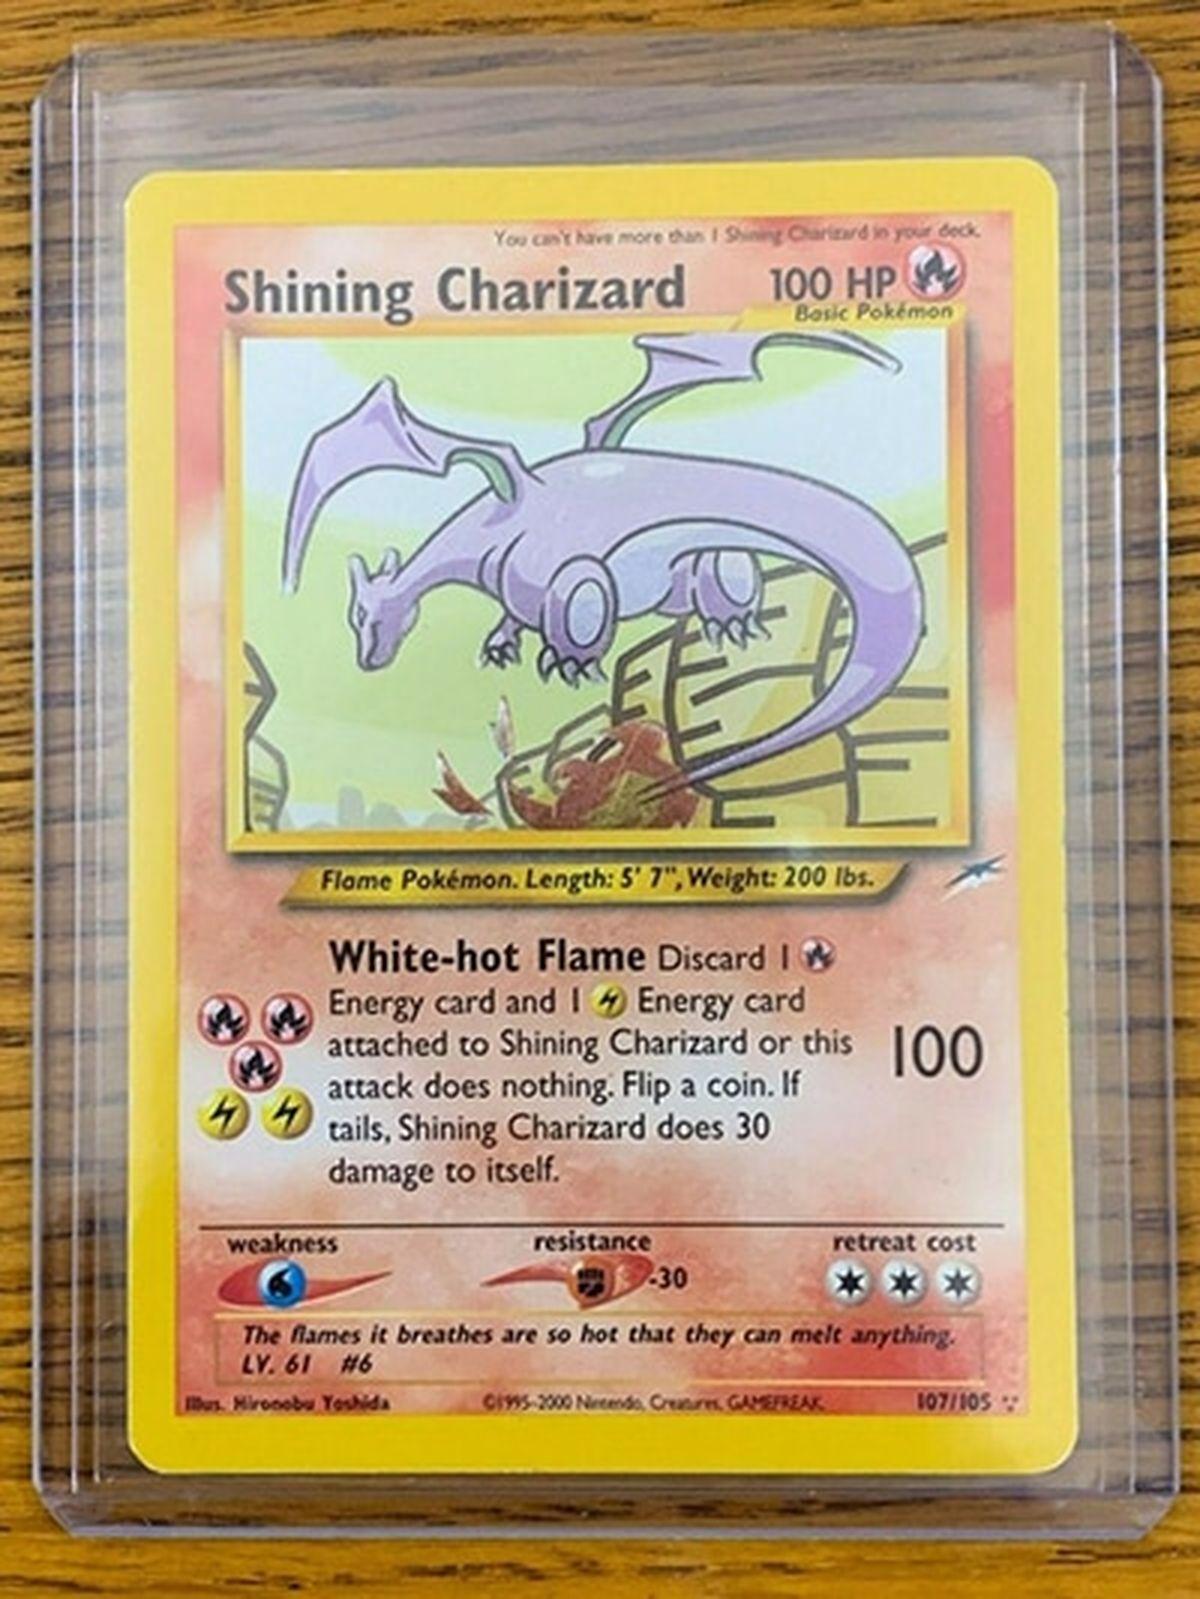 Une carte Pokémon Charizard, une édition unique de la version de 1999, s'est vendue à plus de 369 000 dollars. Et d'autres cartes Pokémon existent aussi à des prix démentiels.